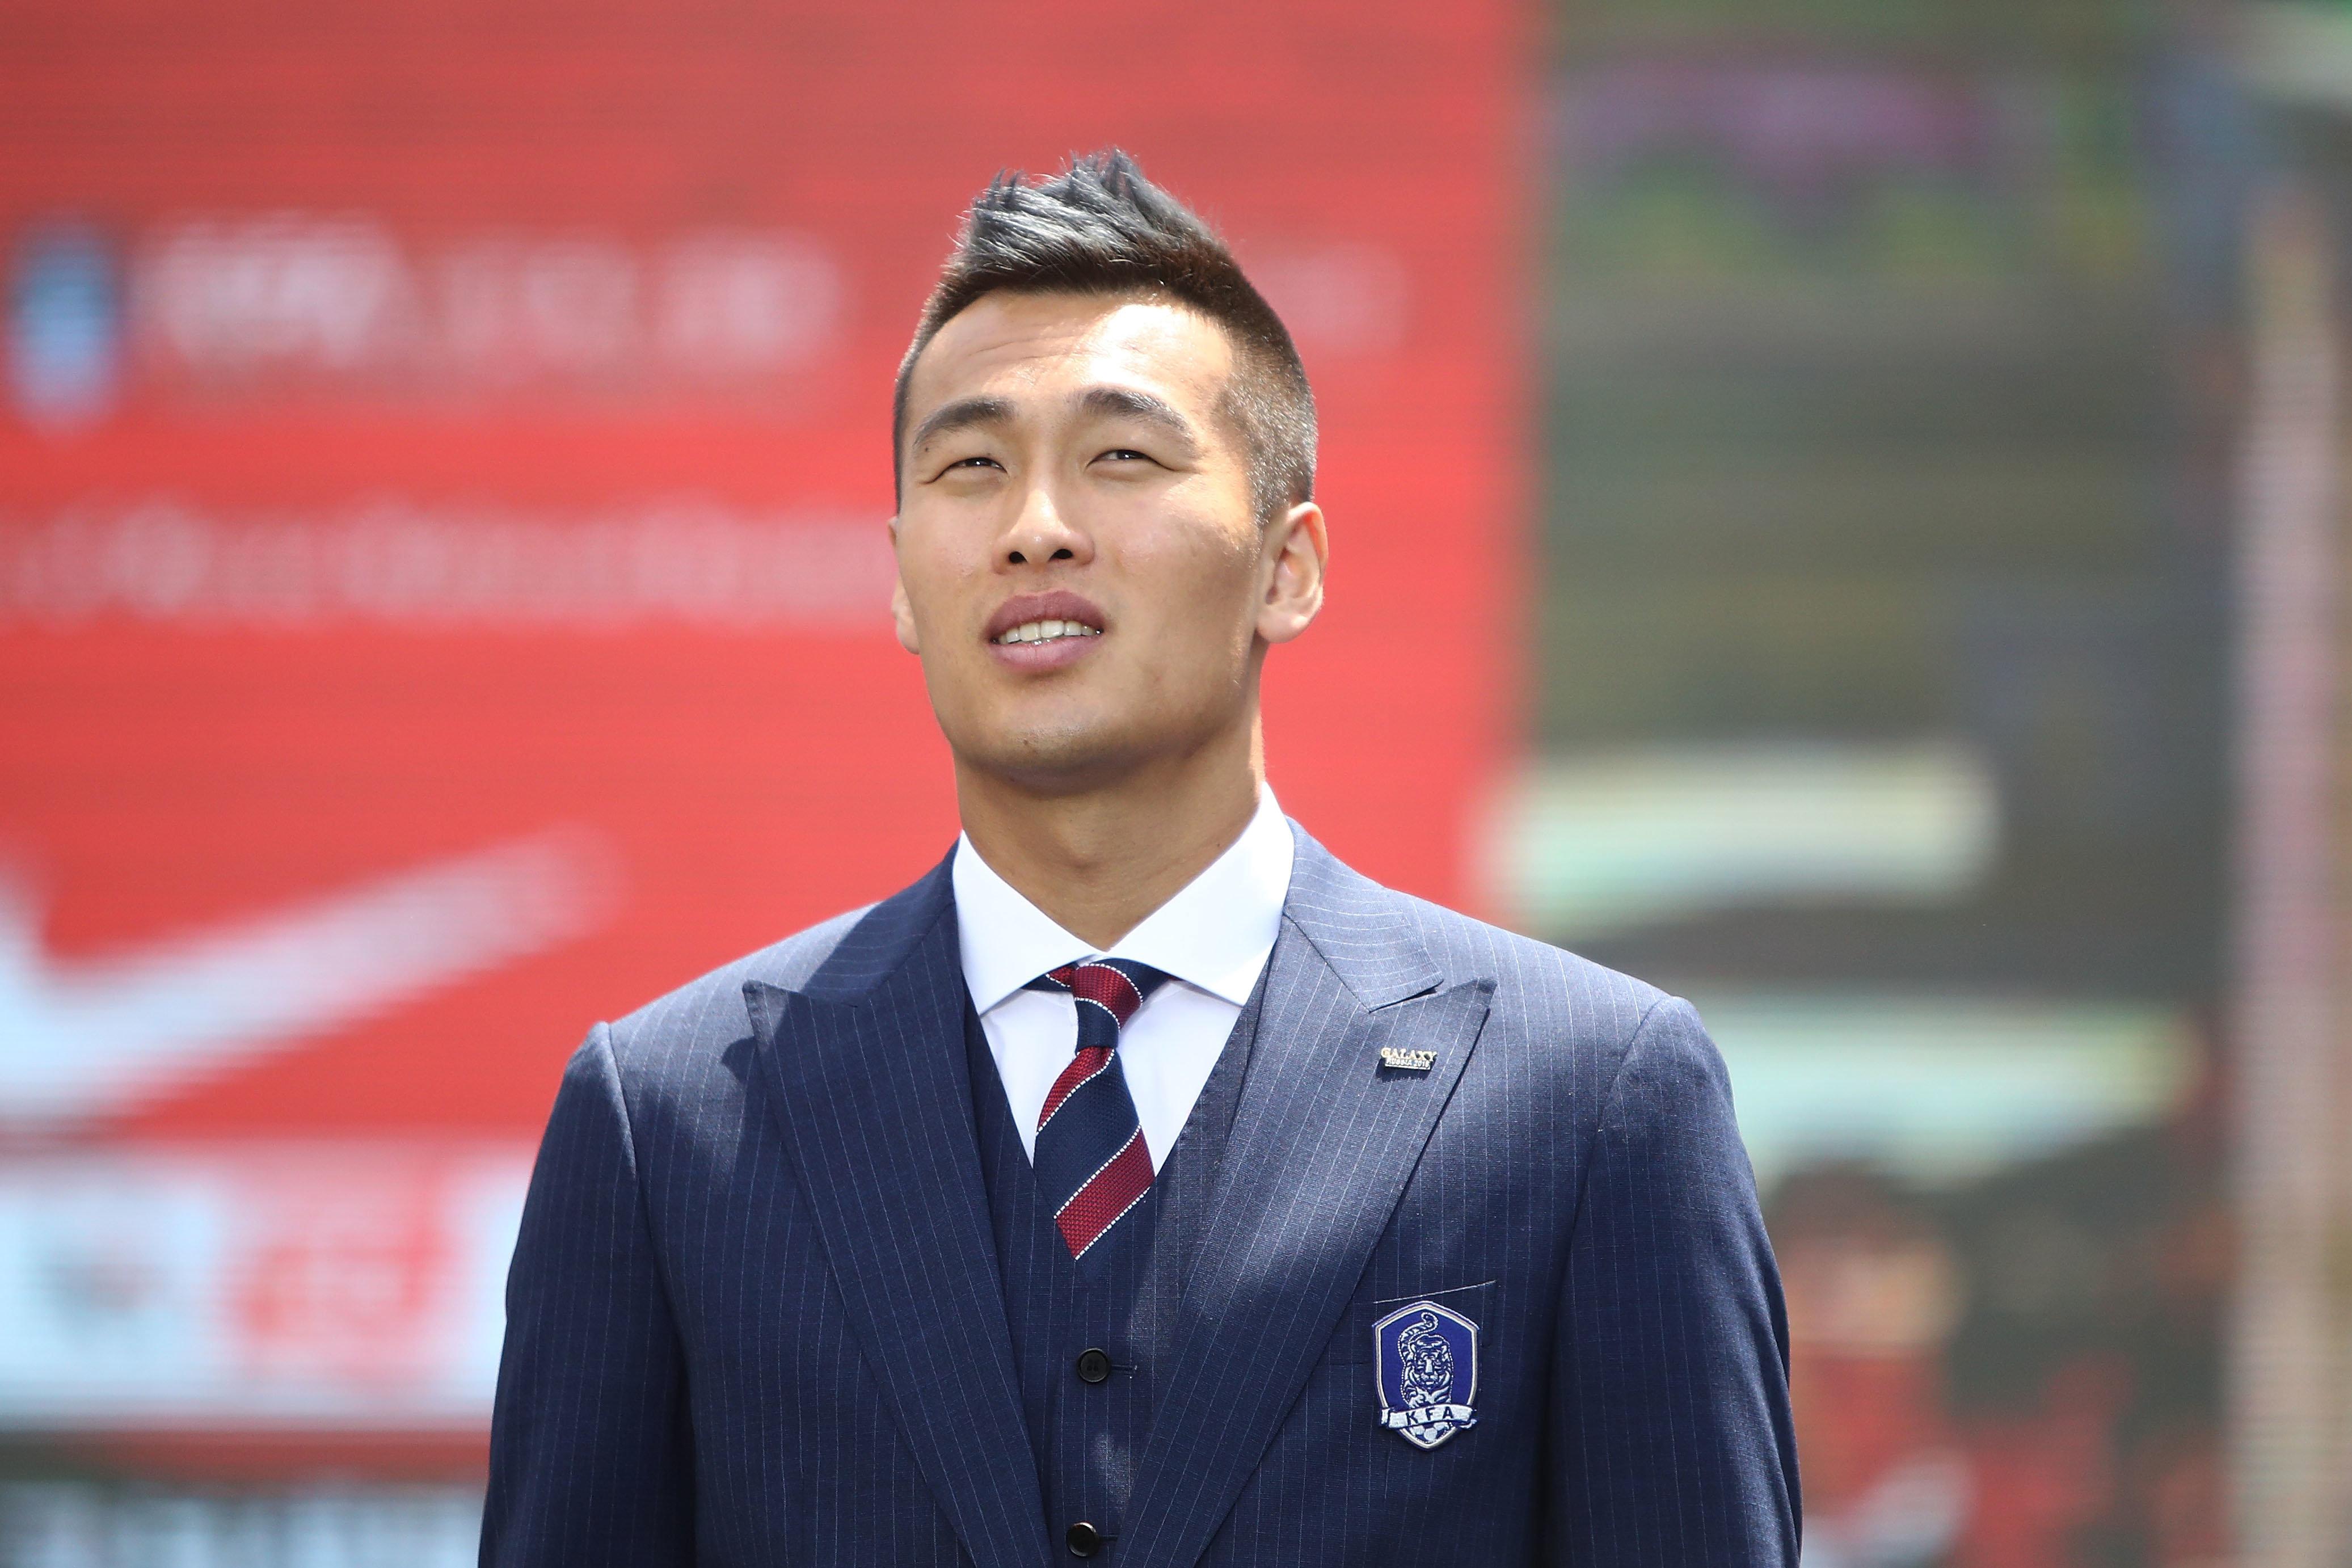 해외매체 선정 '섹시한 축구 선수' 중 가장 많이 언급된 한국 선수